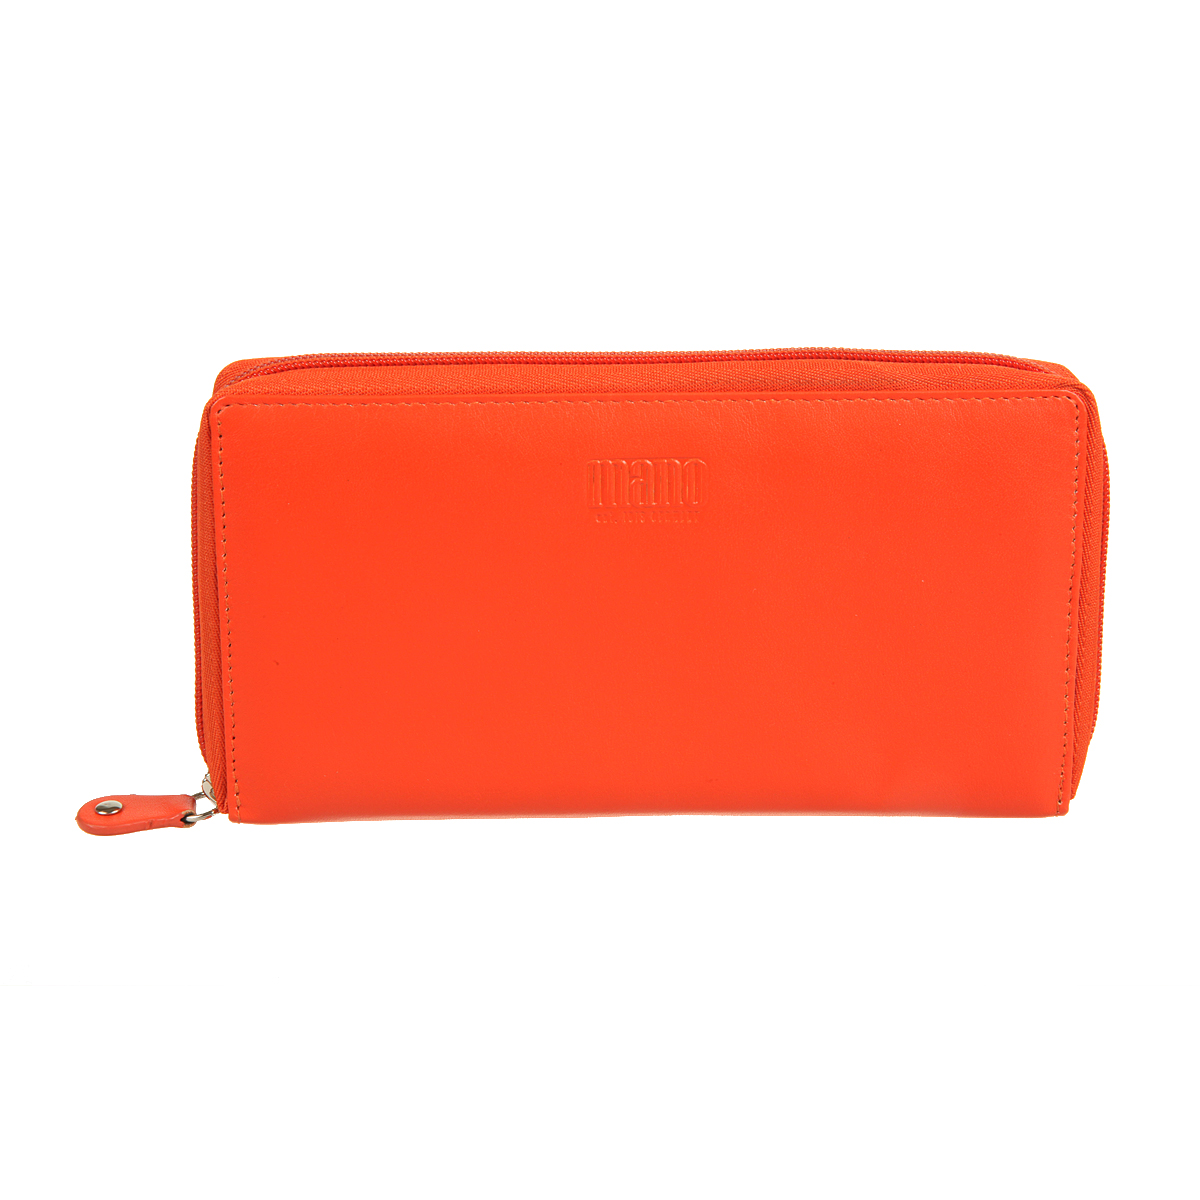 Портмоне женское Mano, цвет: оранжевый. 14659 orangeINT-06501закрывается по периметру на молниювнутри четыре отдела для купюркарман для мелочи на молниивосемь кармашков для пластиковых картдва кармана для документов